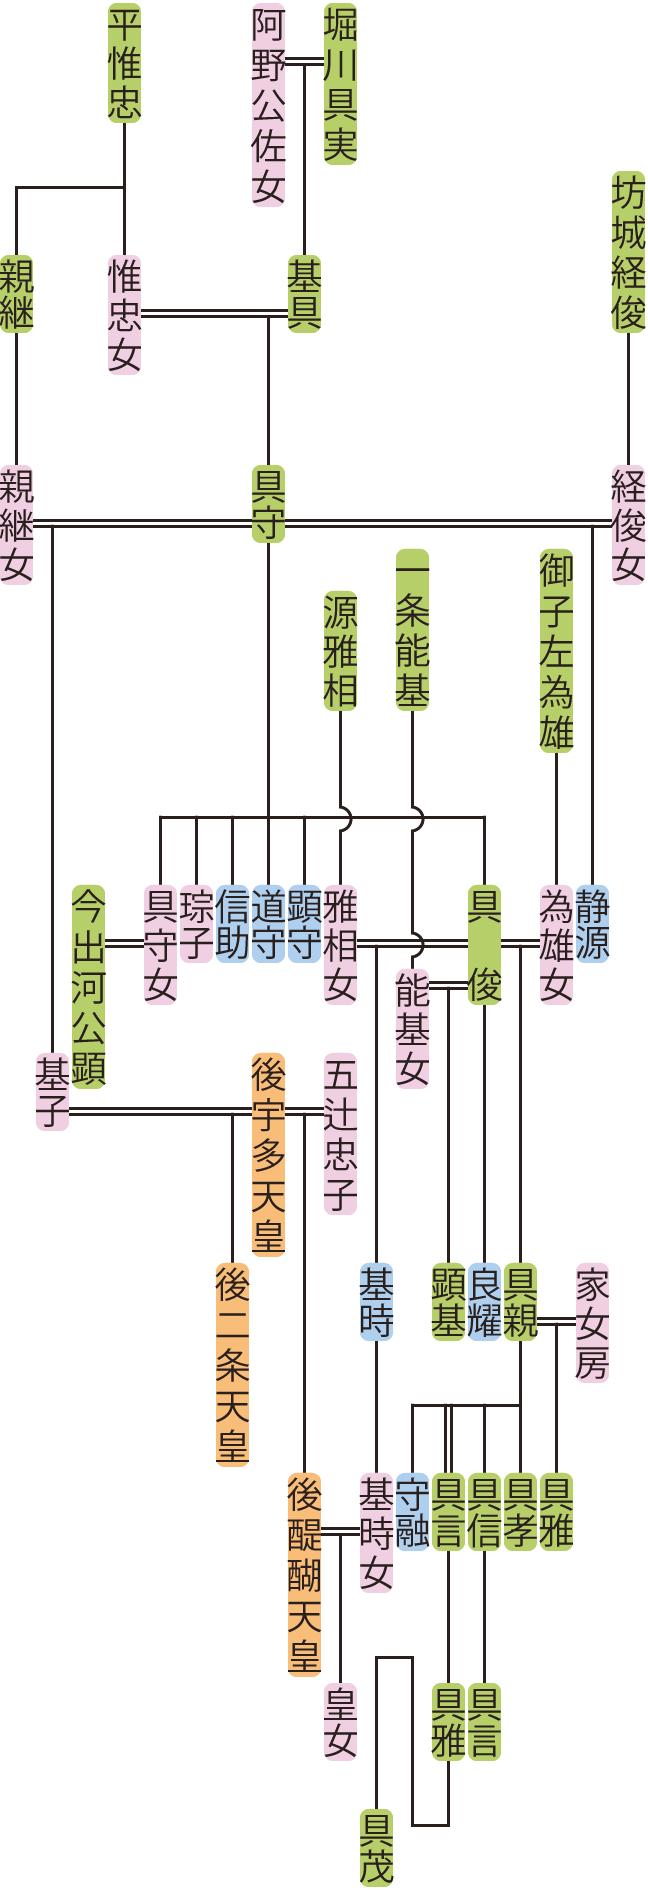 堀川具守の系図